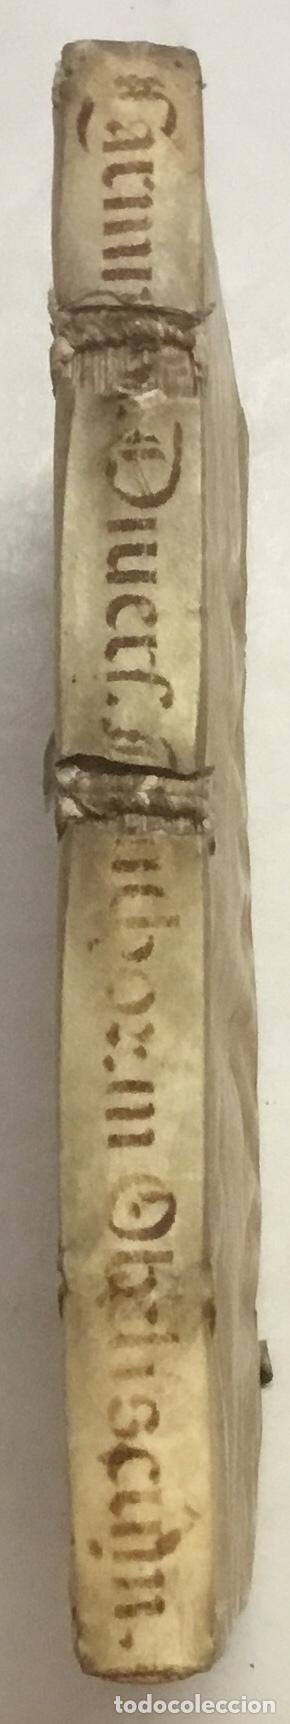 Libros antiguos: SEQUUNTUR CARMINA A VARIIS AUCTORIBUS IN OBELISCUM CONSCRIPTA ET IN DUOS LIBROS DISTRIBU.. ROMA,1587 - Foto 6 - 127831119